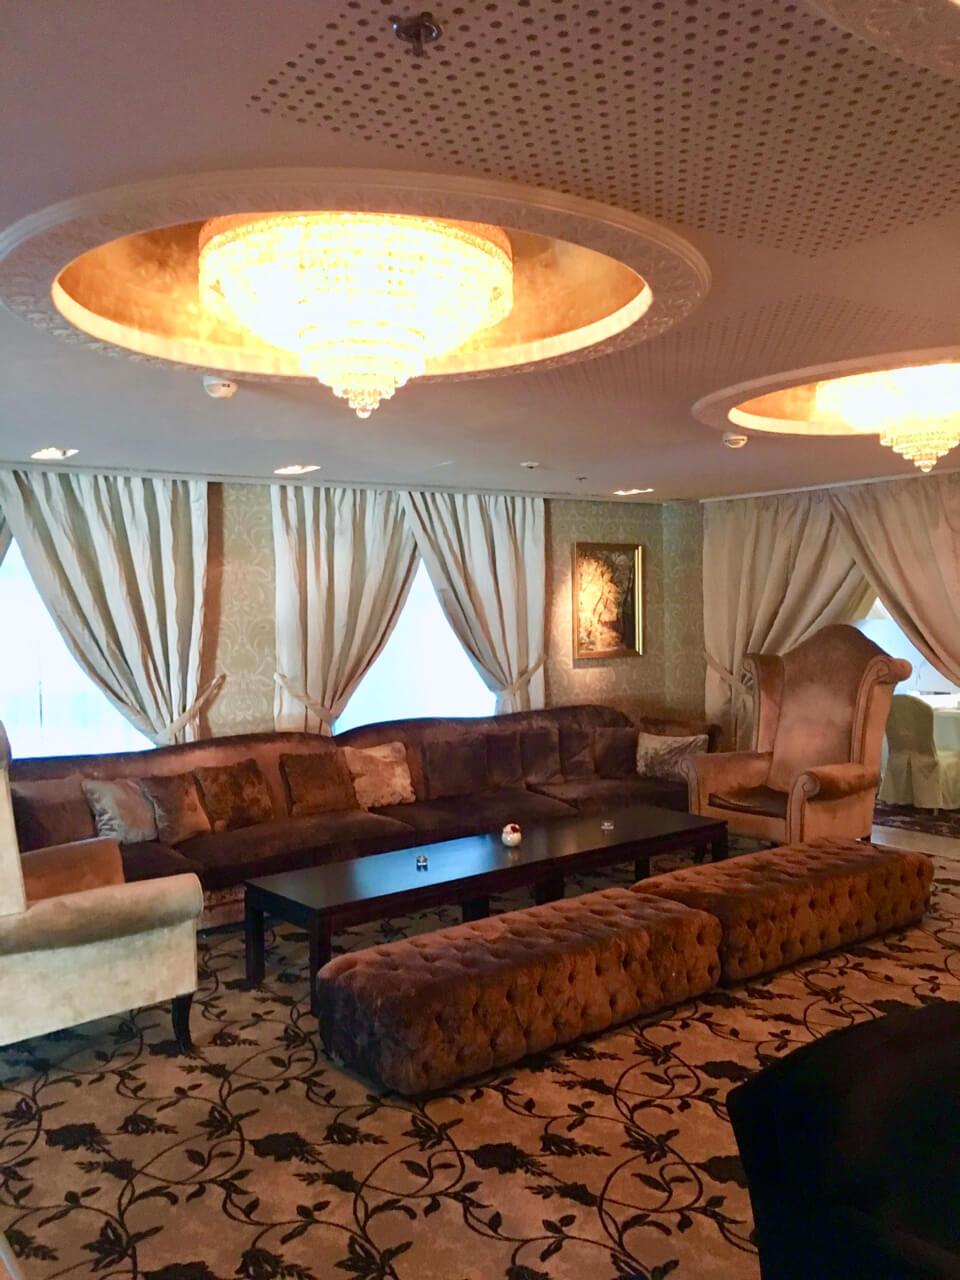 Spirit Hotel Thermal Spa Bad Sarvar, Ungarn